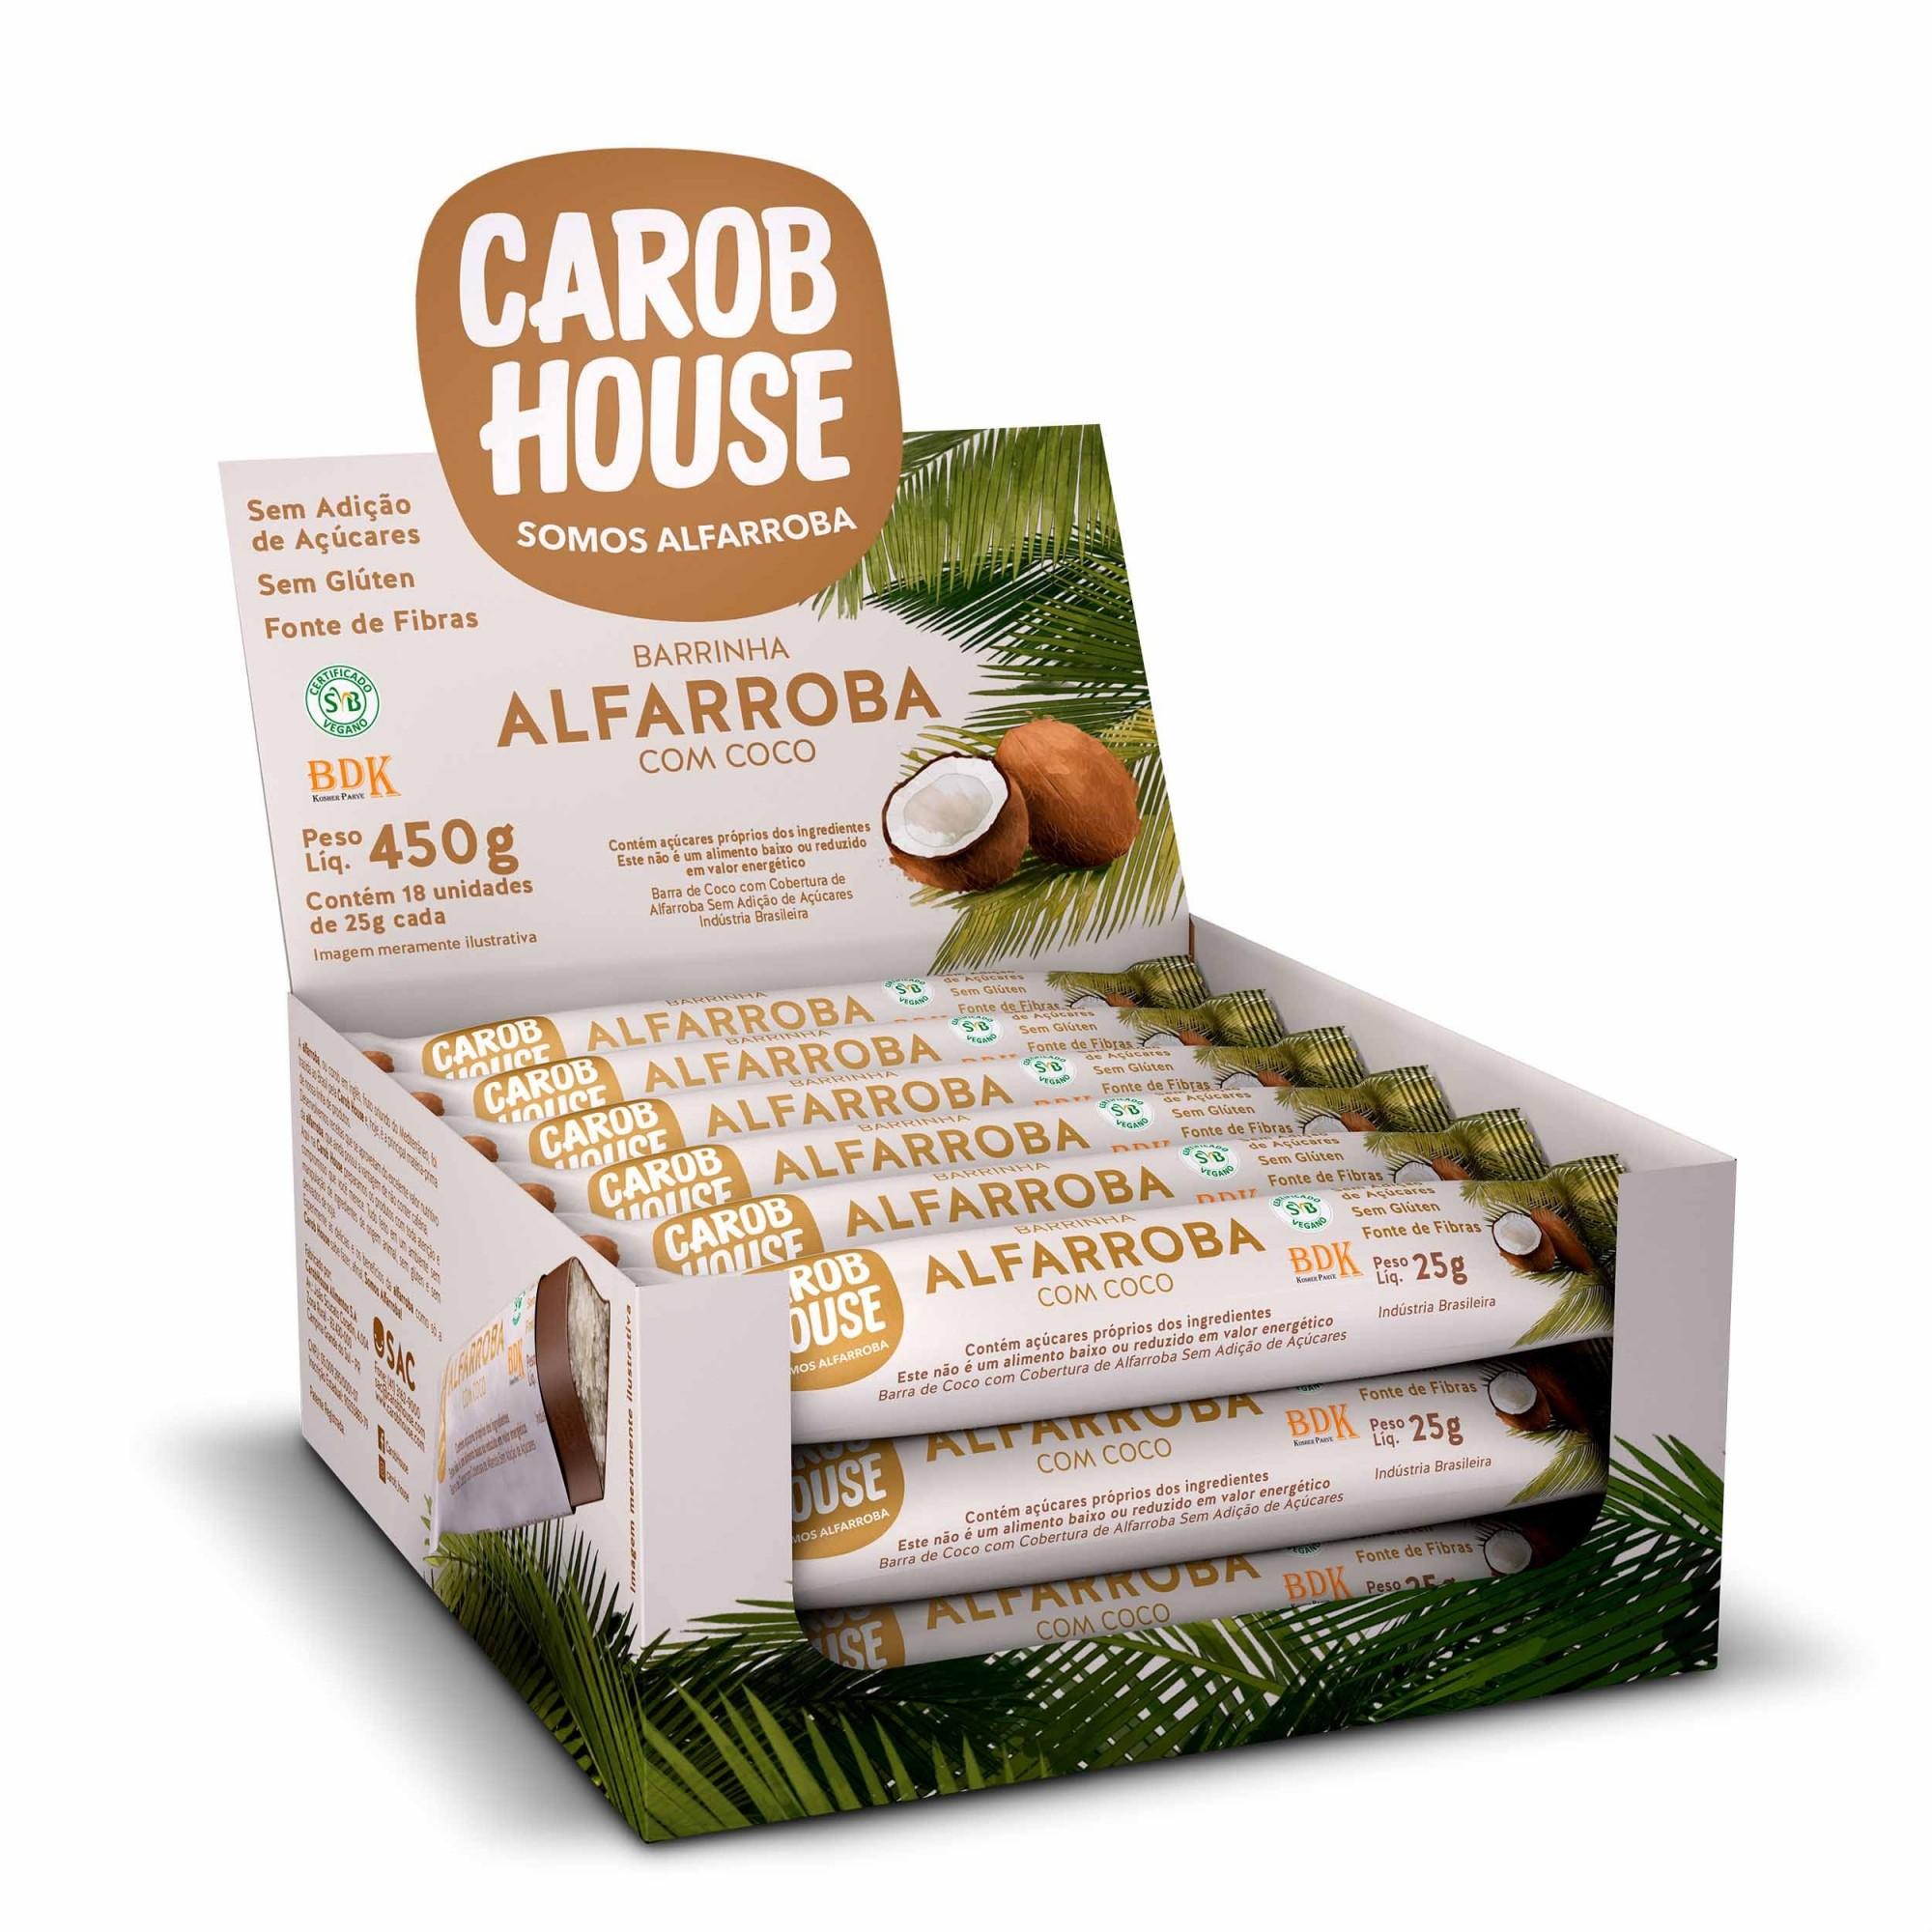 Barrinha  Alfarroba com Coco Sem Açúcar 25g x 18 - Carob House